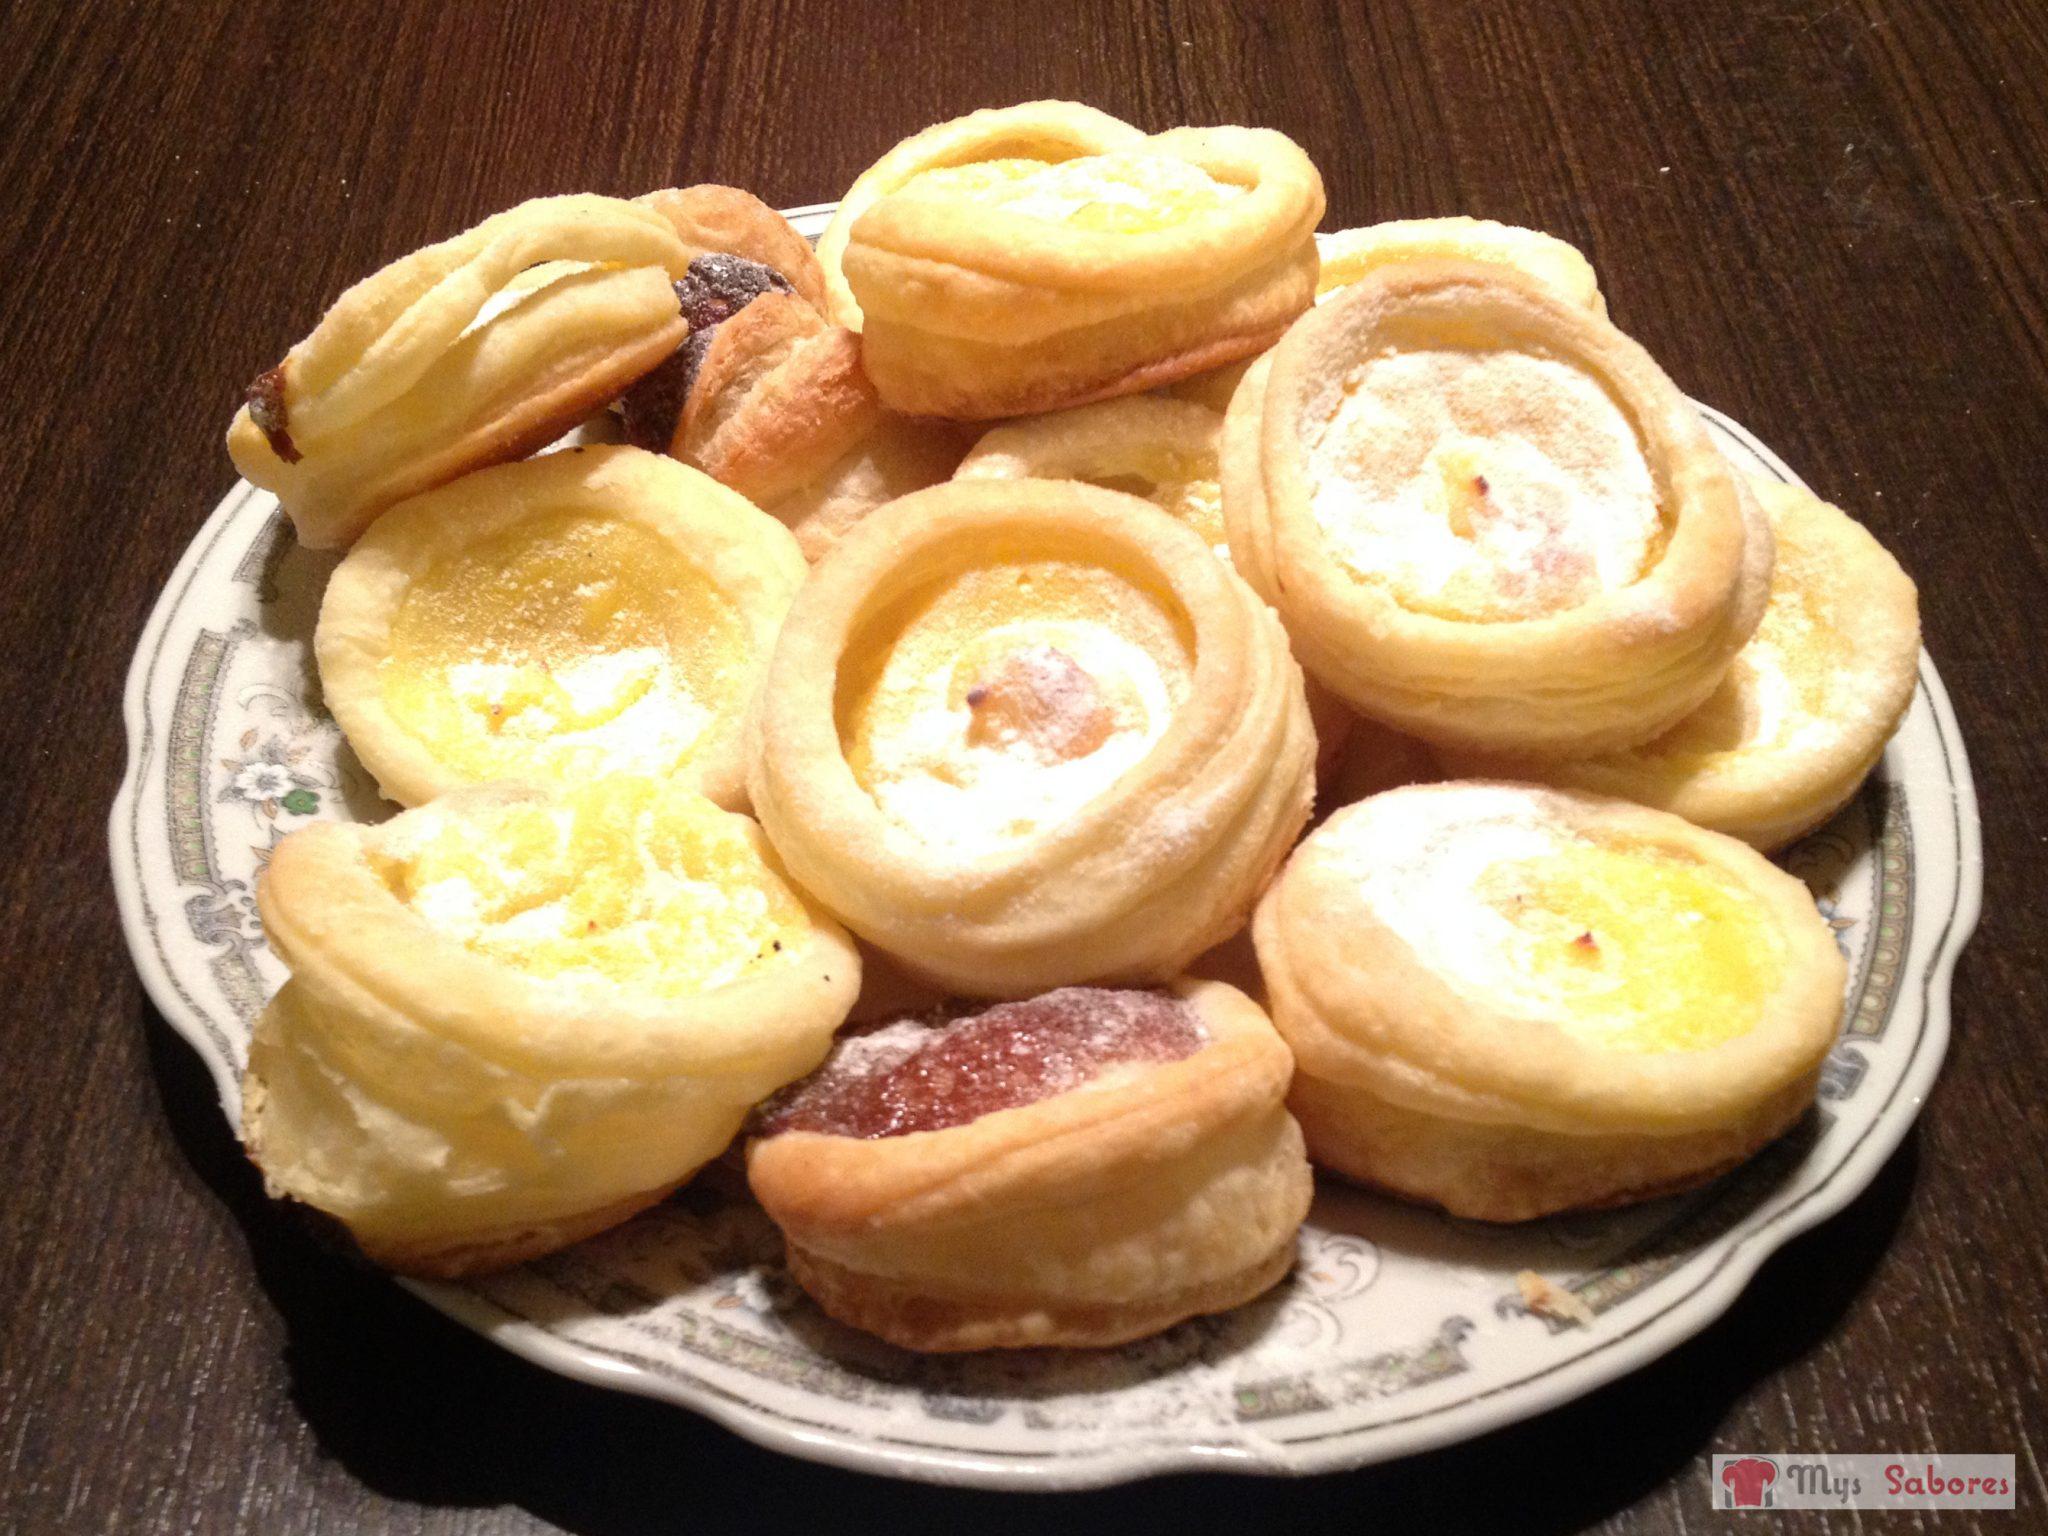 Facturas rellenas con crema pastelera